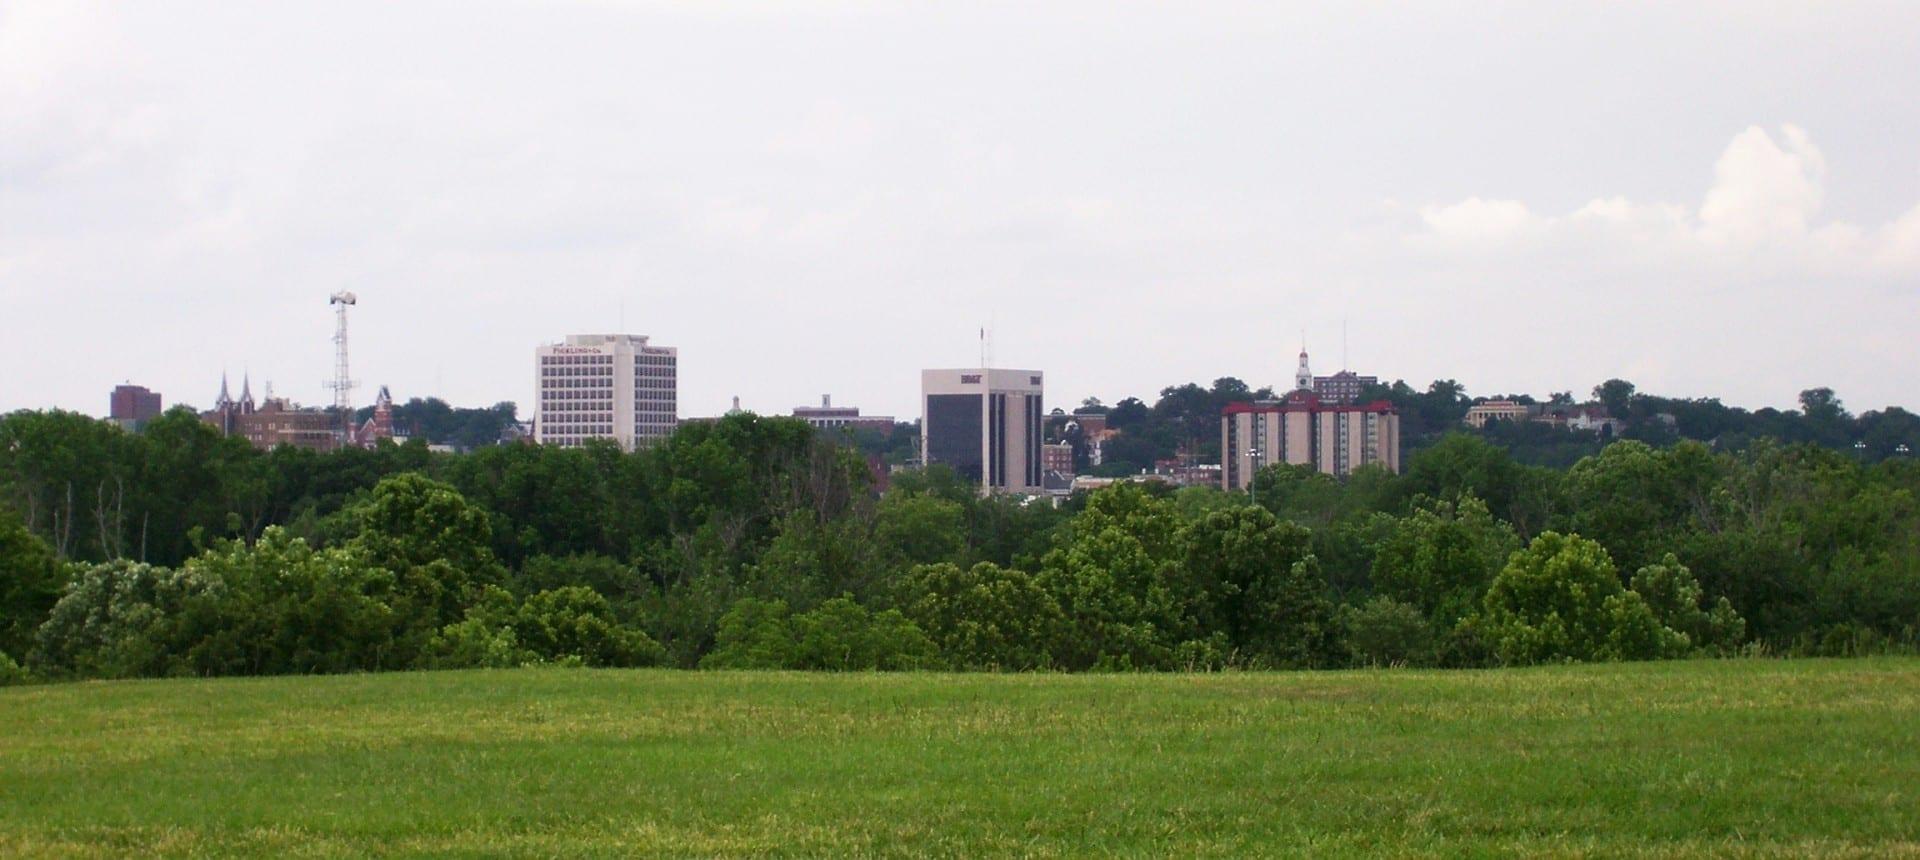 El centro de Macon visto desde el Monumento Nacional Ocmulgee. Macon GA Estados Unidos